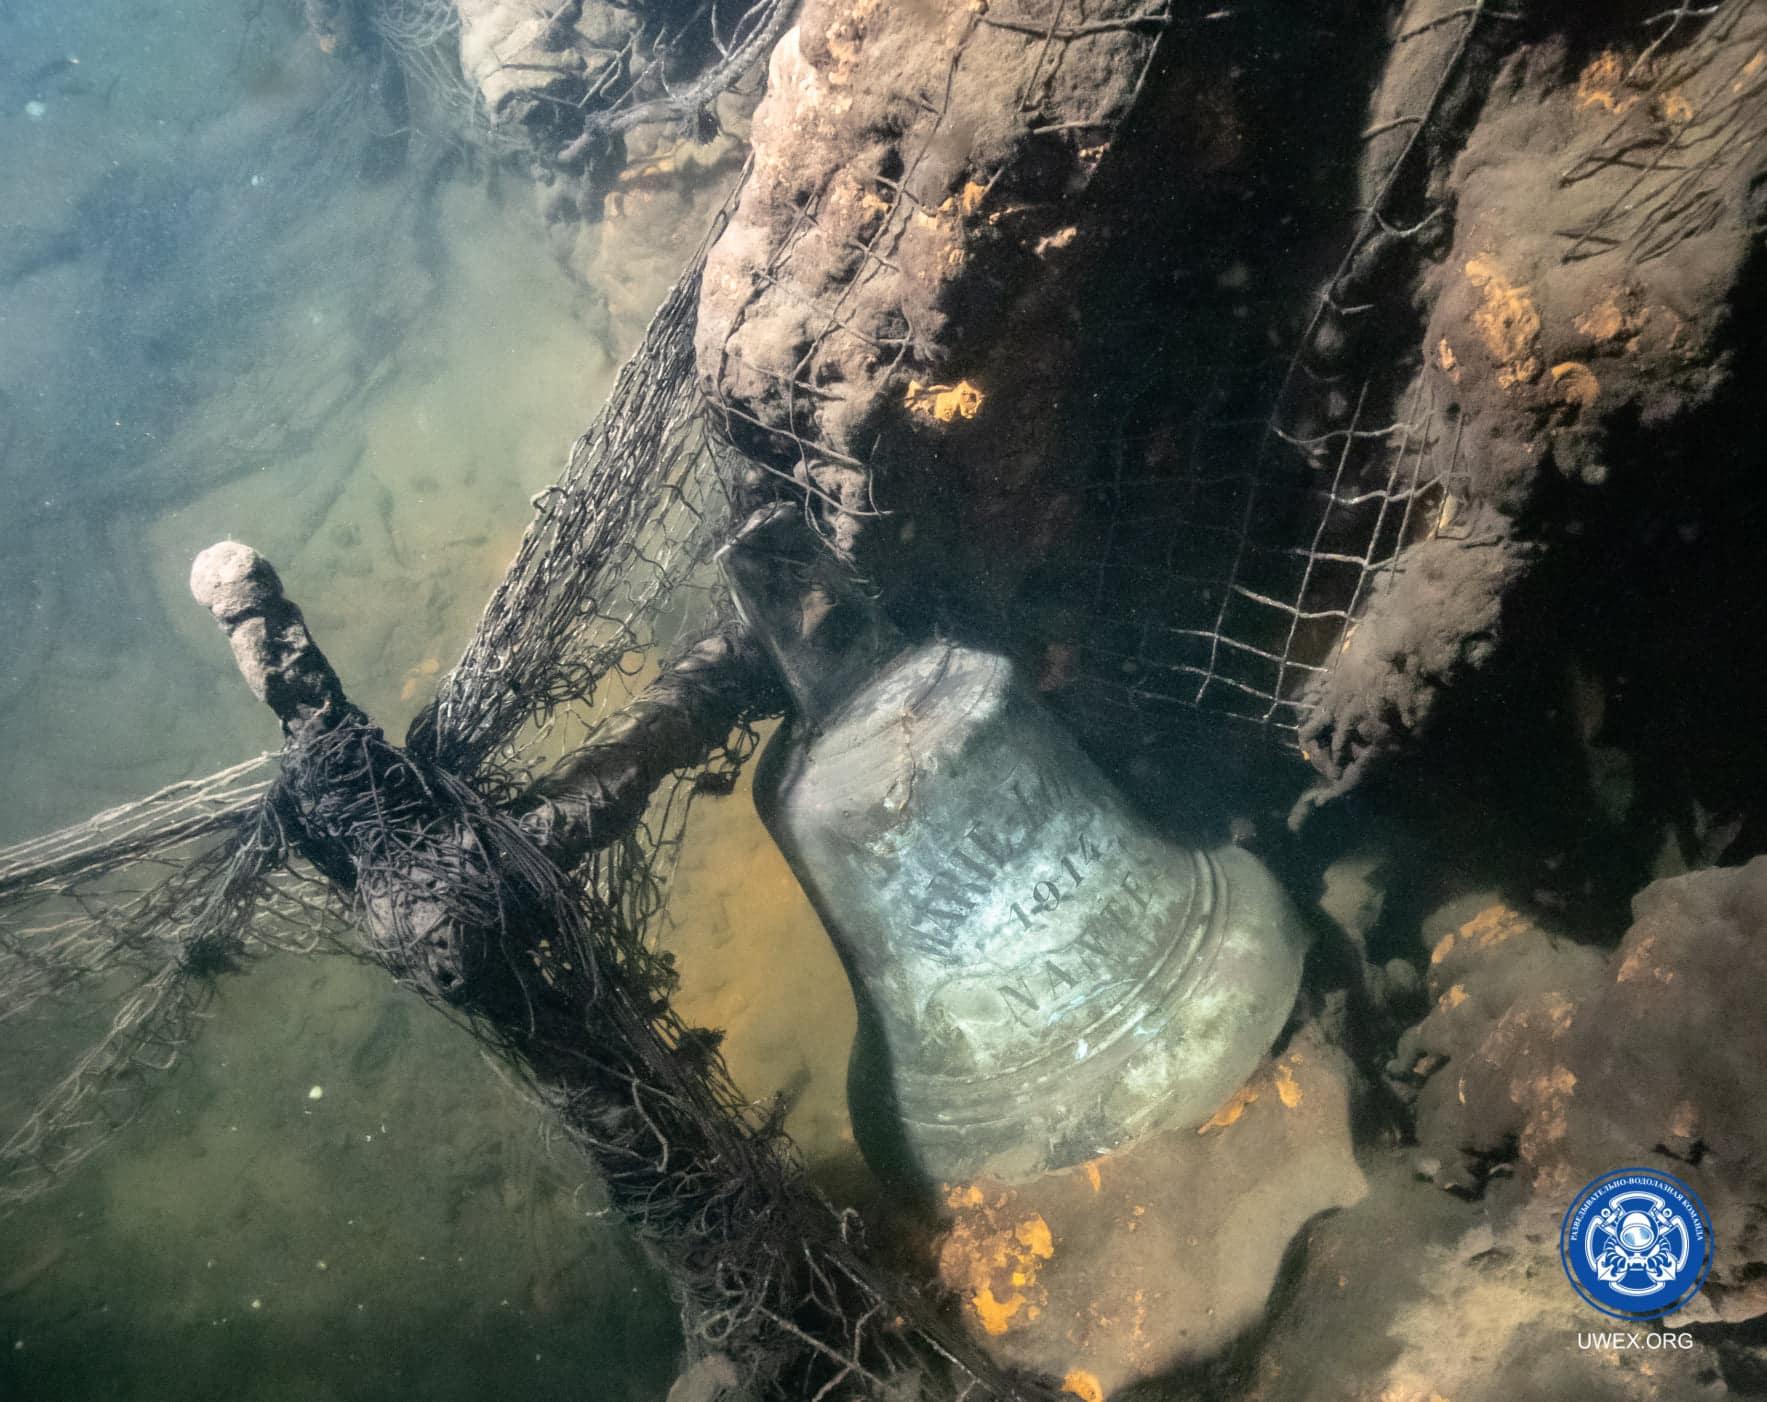 Odnaleziony dzwon okrętowy